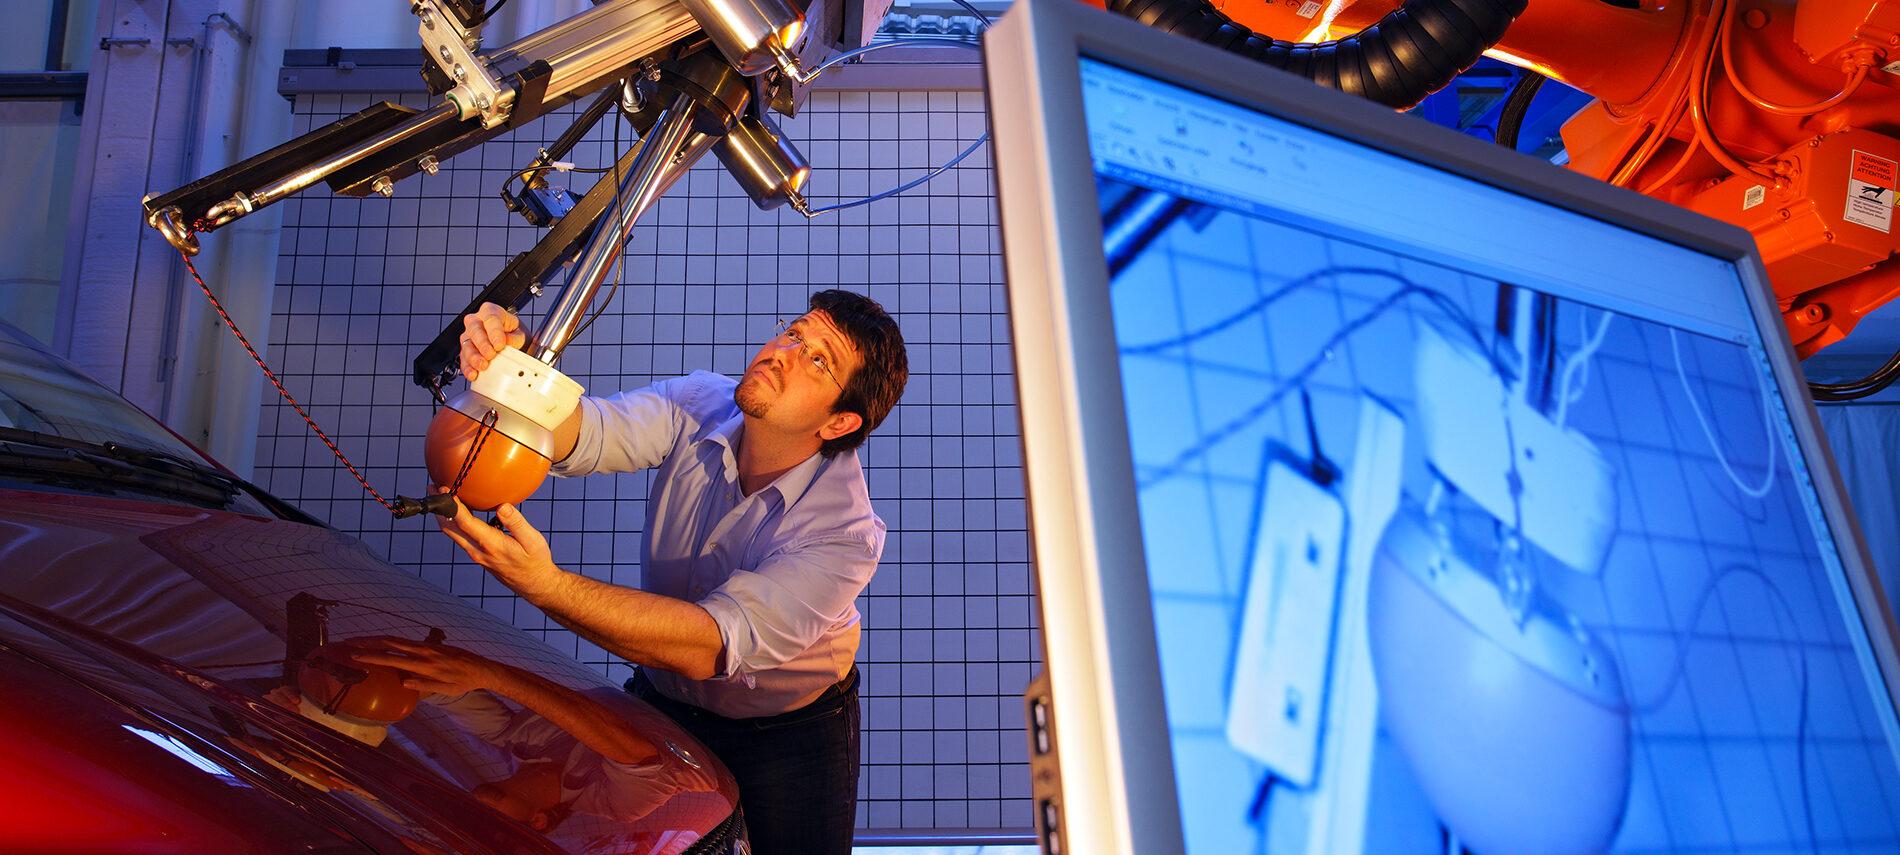 Foto Titelbild Publikation: Mann arbeitet mit einem technischen Gerät an einem Auto